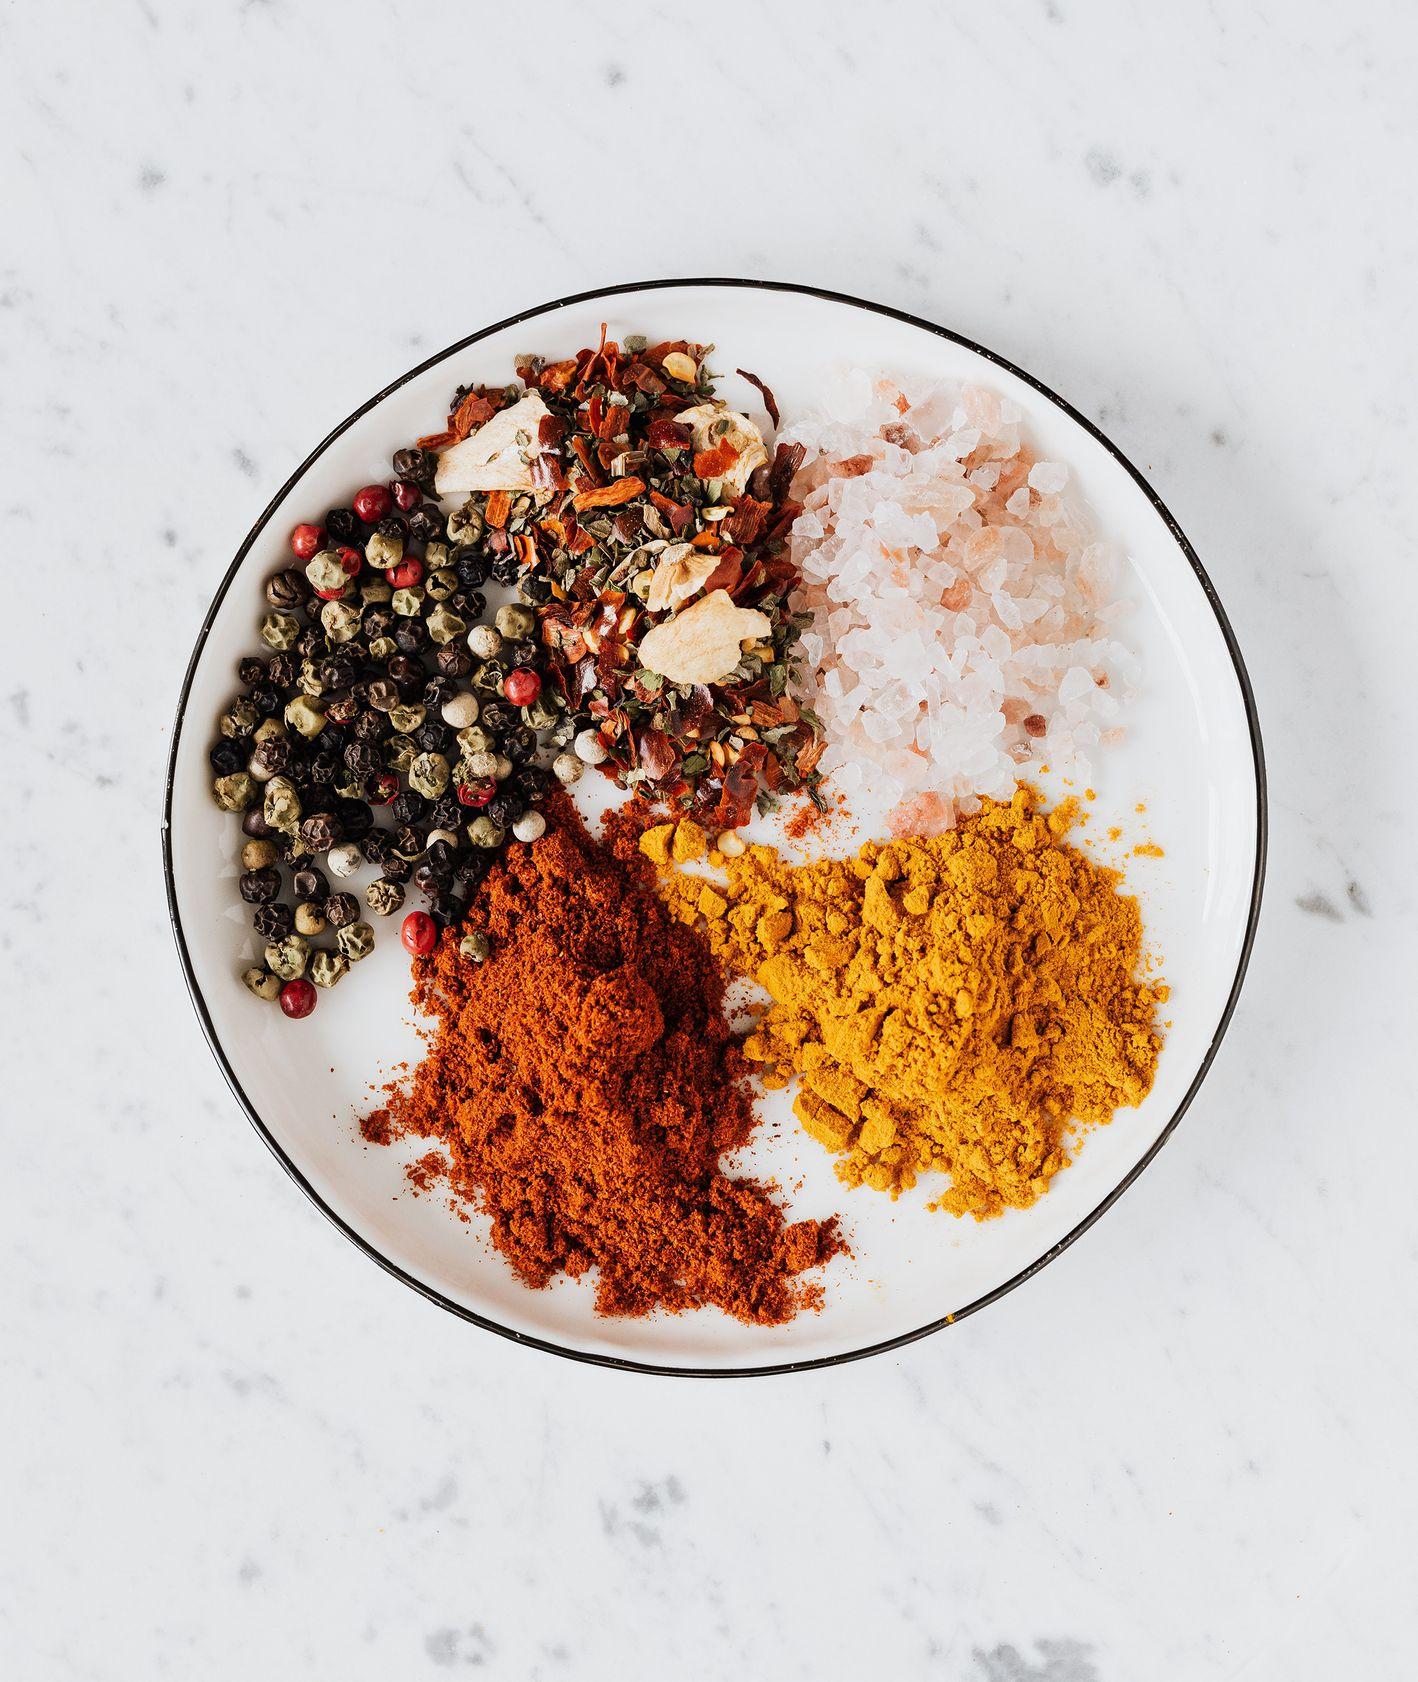 Własny blend egzotycznych przypraw do gotowania na jasnym talerzu (fot. Karolina Grabowska / pexels.com)